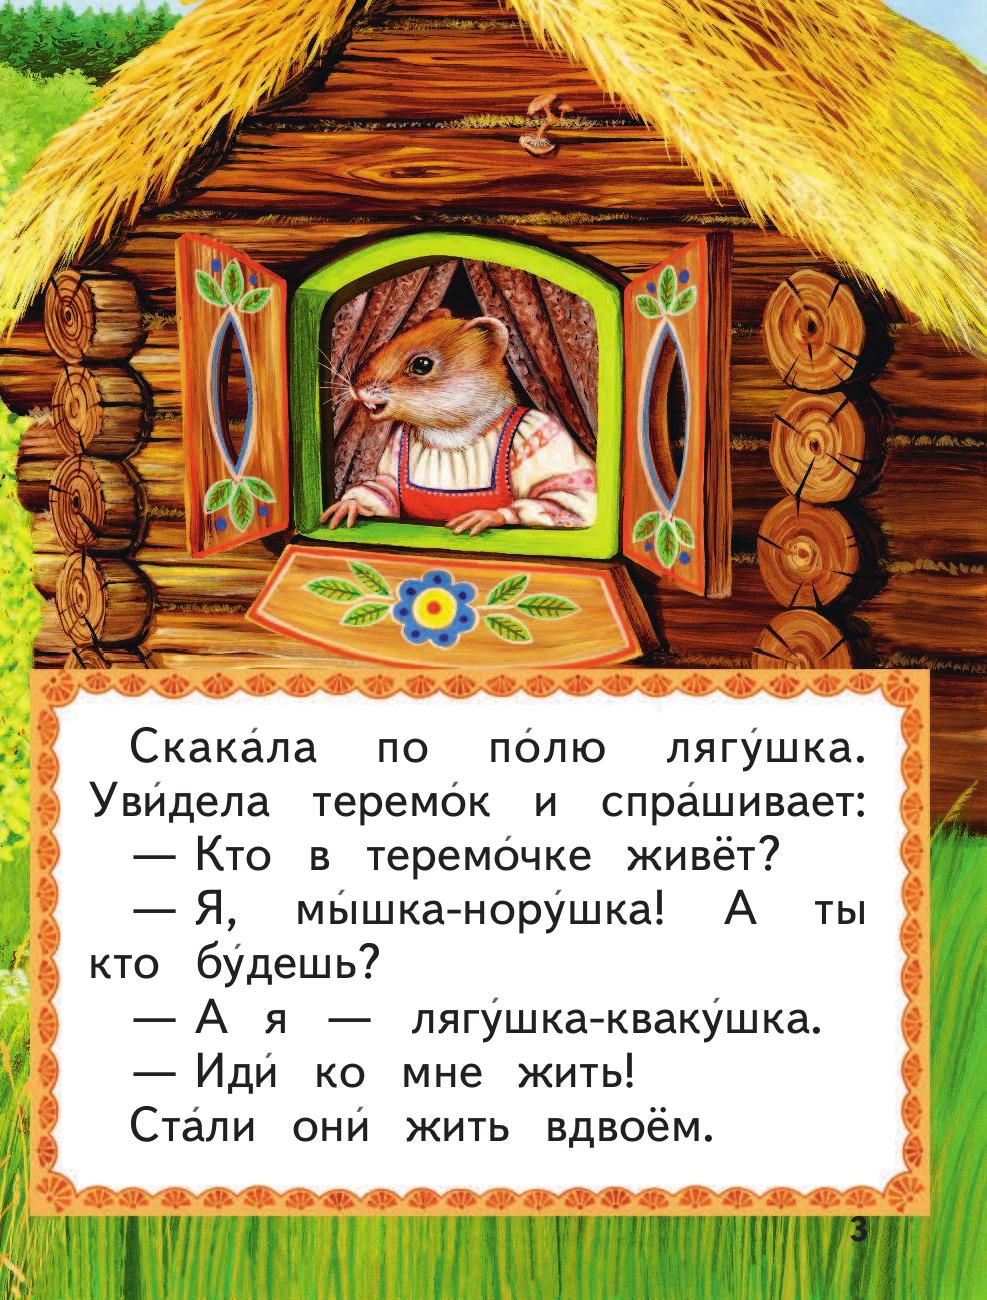 suchki-na-prirode-video